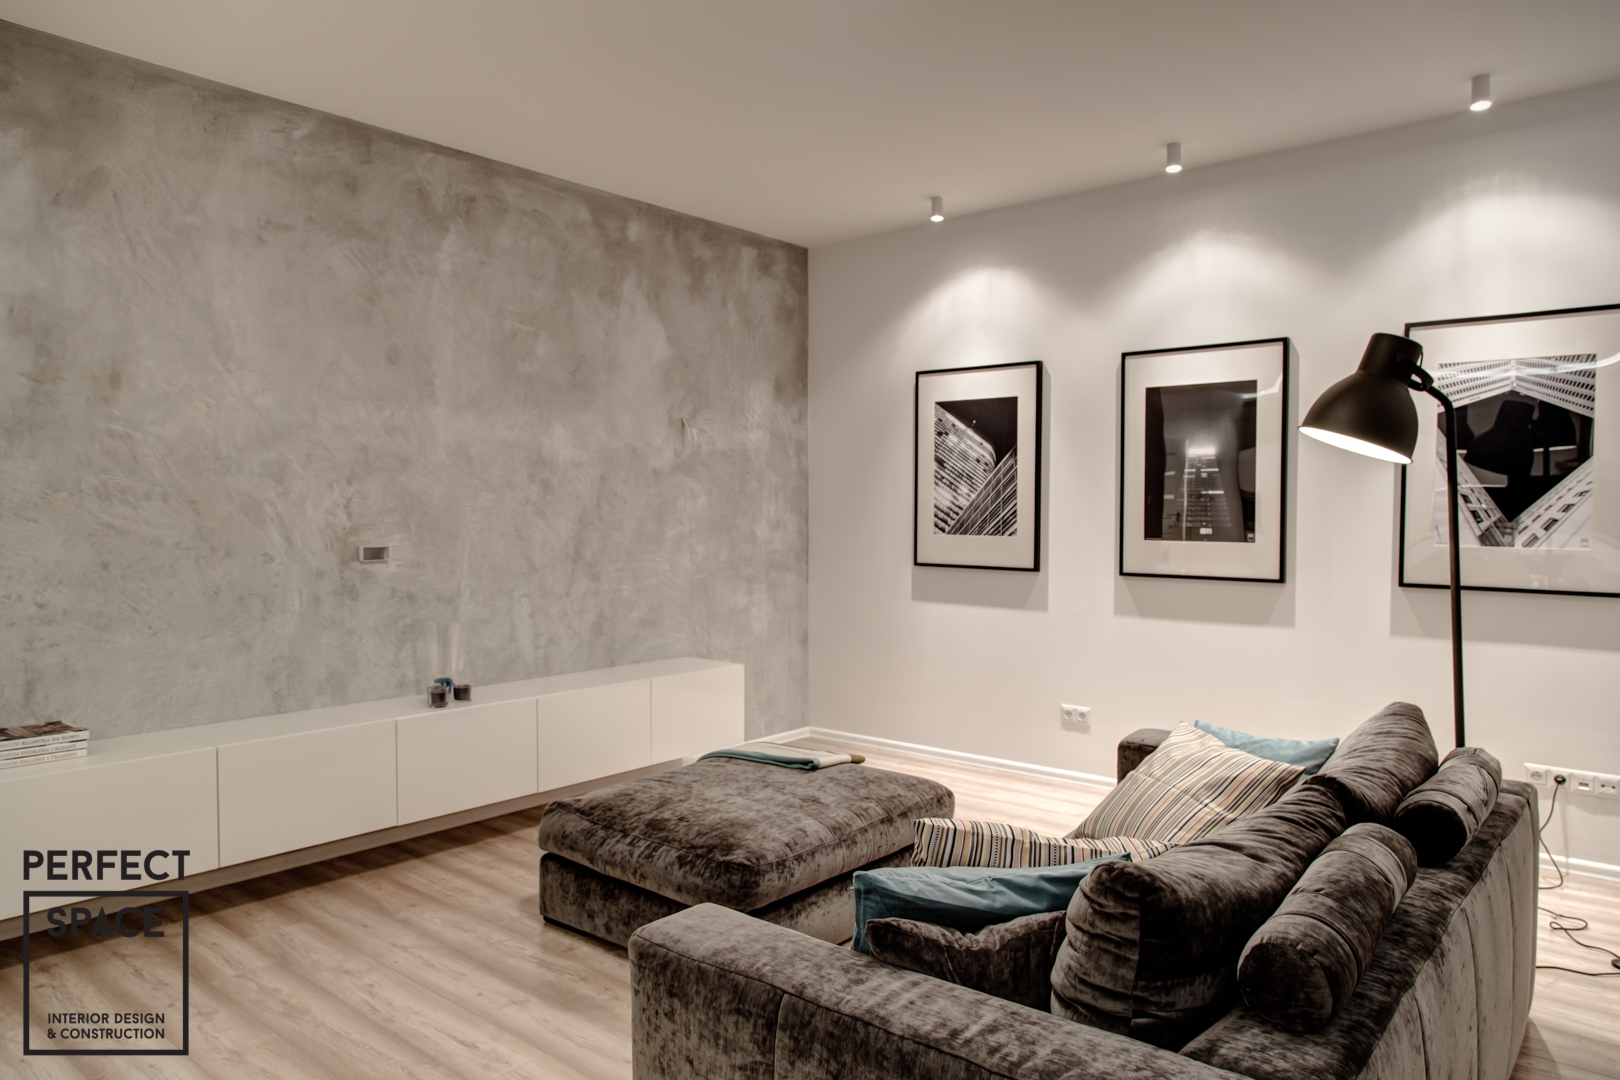 nowoczesna-aranzacja-wnetrz-perfectspace-salon Nowoczesny luksus - inspirująca i funkcjonalnaaranżacja